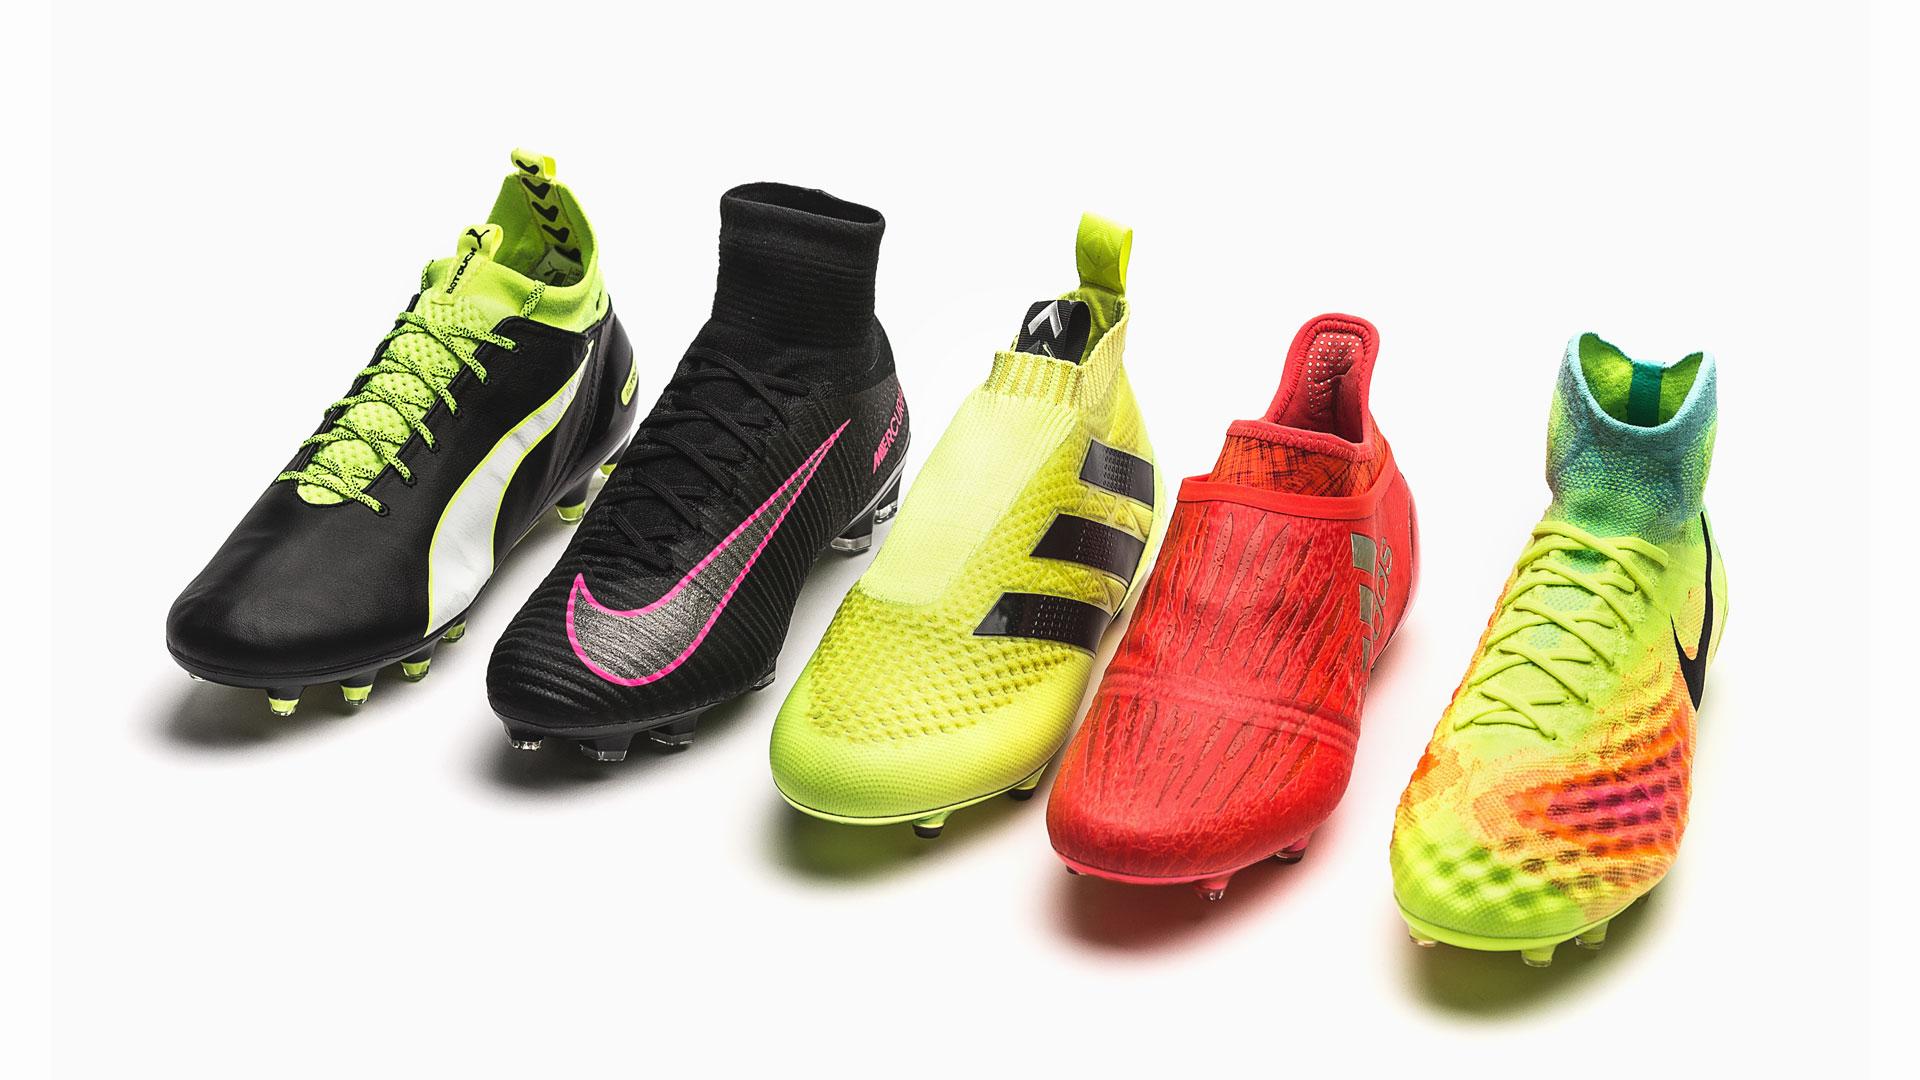 dcc3613f5d8 Quelles chaussures avec chaussettes intégrées sont les plus célèbres